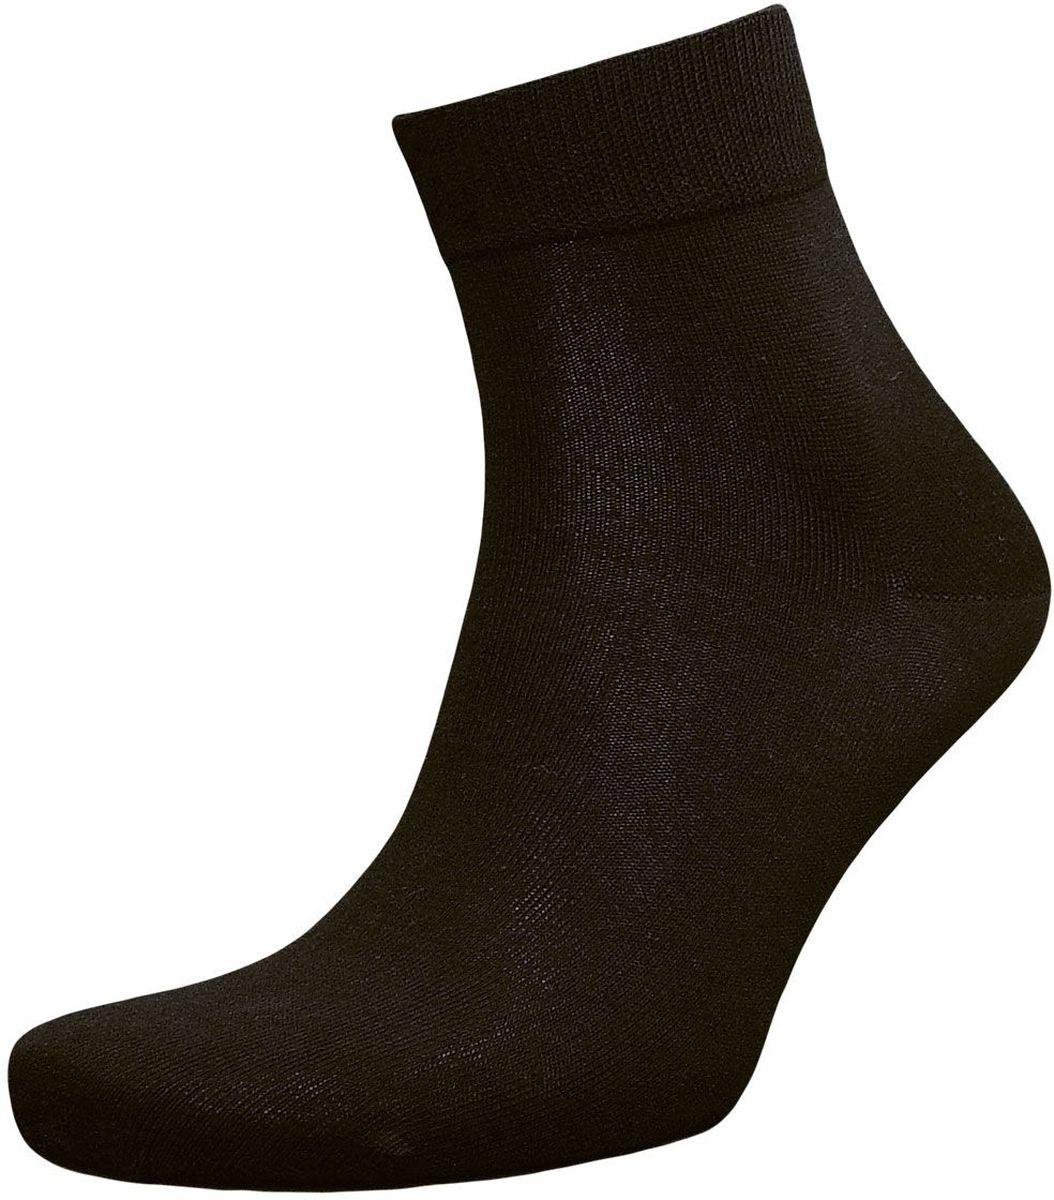 НоскиZC113Классические мужские носки Гранд выполнены из высококачественного хлопка, для повседневной носки. Укороченные носки имеют кеттельный шов (плоский), усиленные пятку и мысок, анатомическую резинку. Носки долгое время сохраняют форму и цвет, а так же обладают антибактериальными и терморегулирующими свойствами.